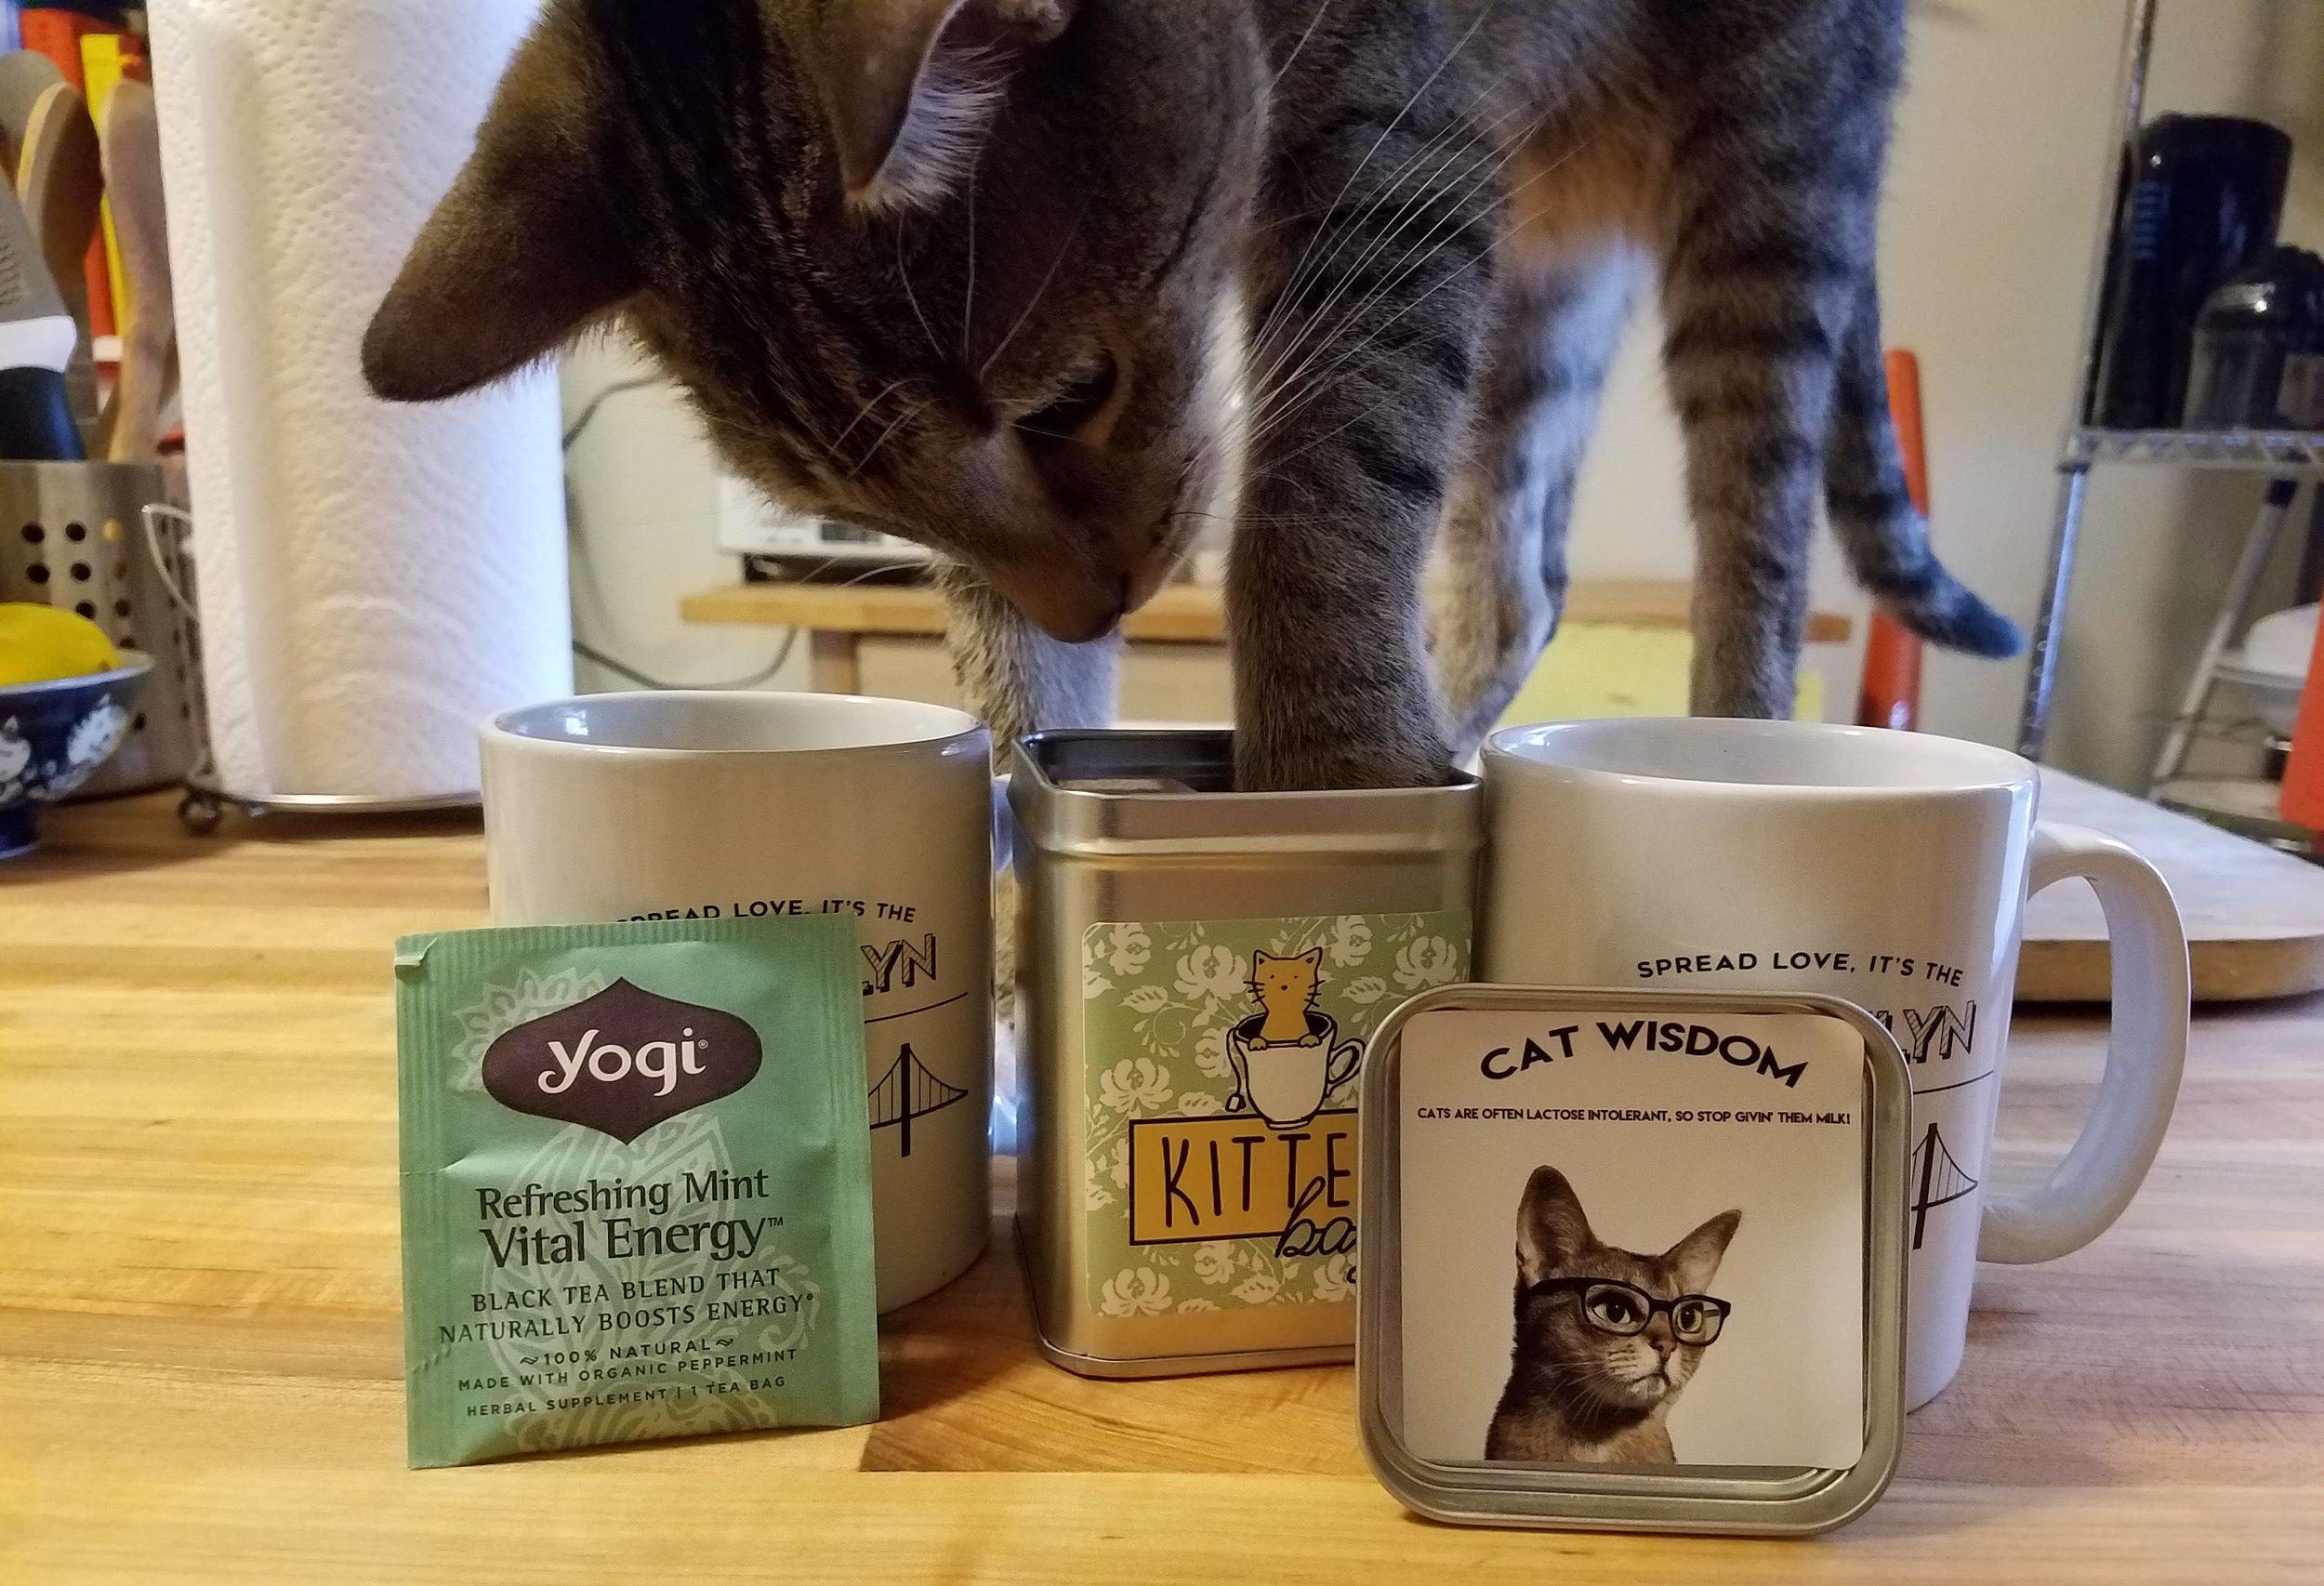 Review Pet Winery S Kittea Catnip Tea Bags That Cat Blog